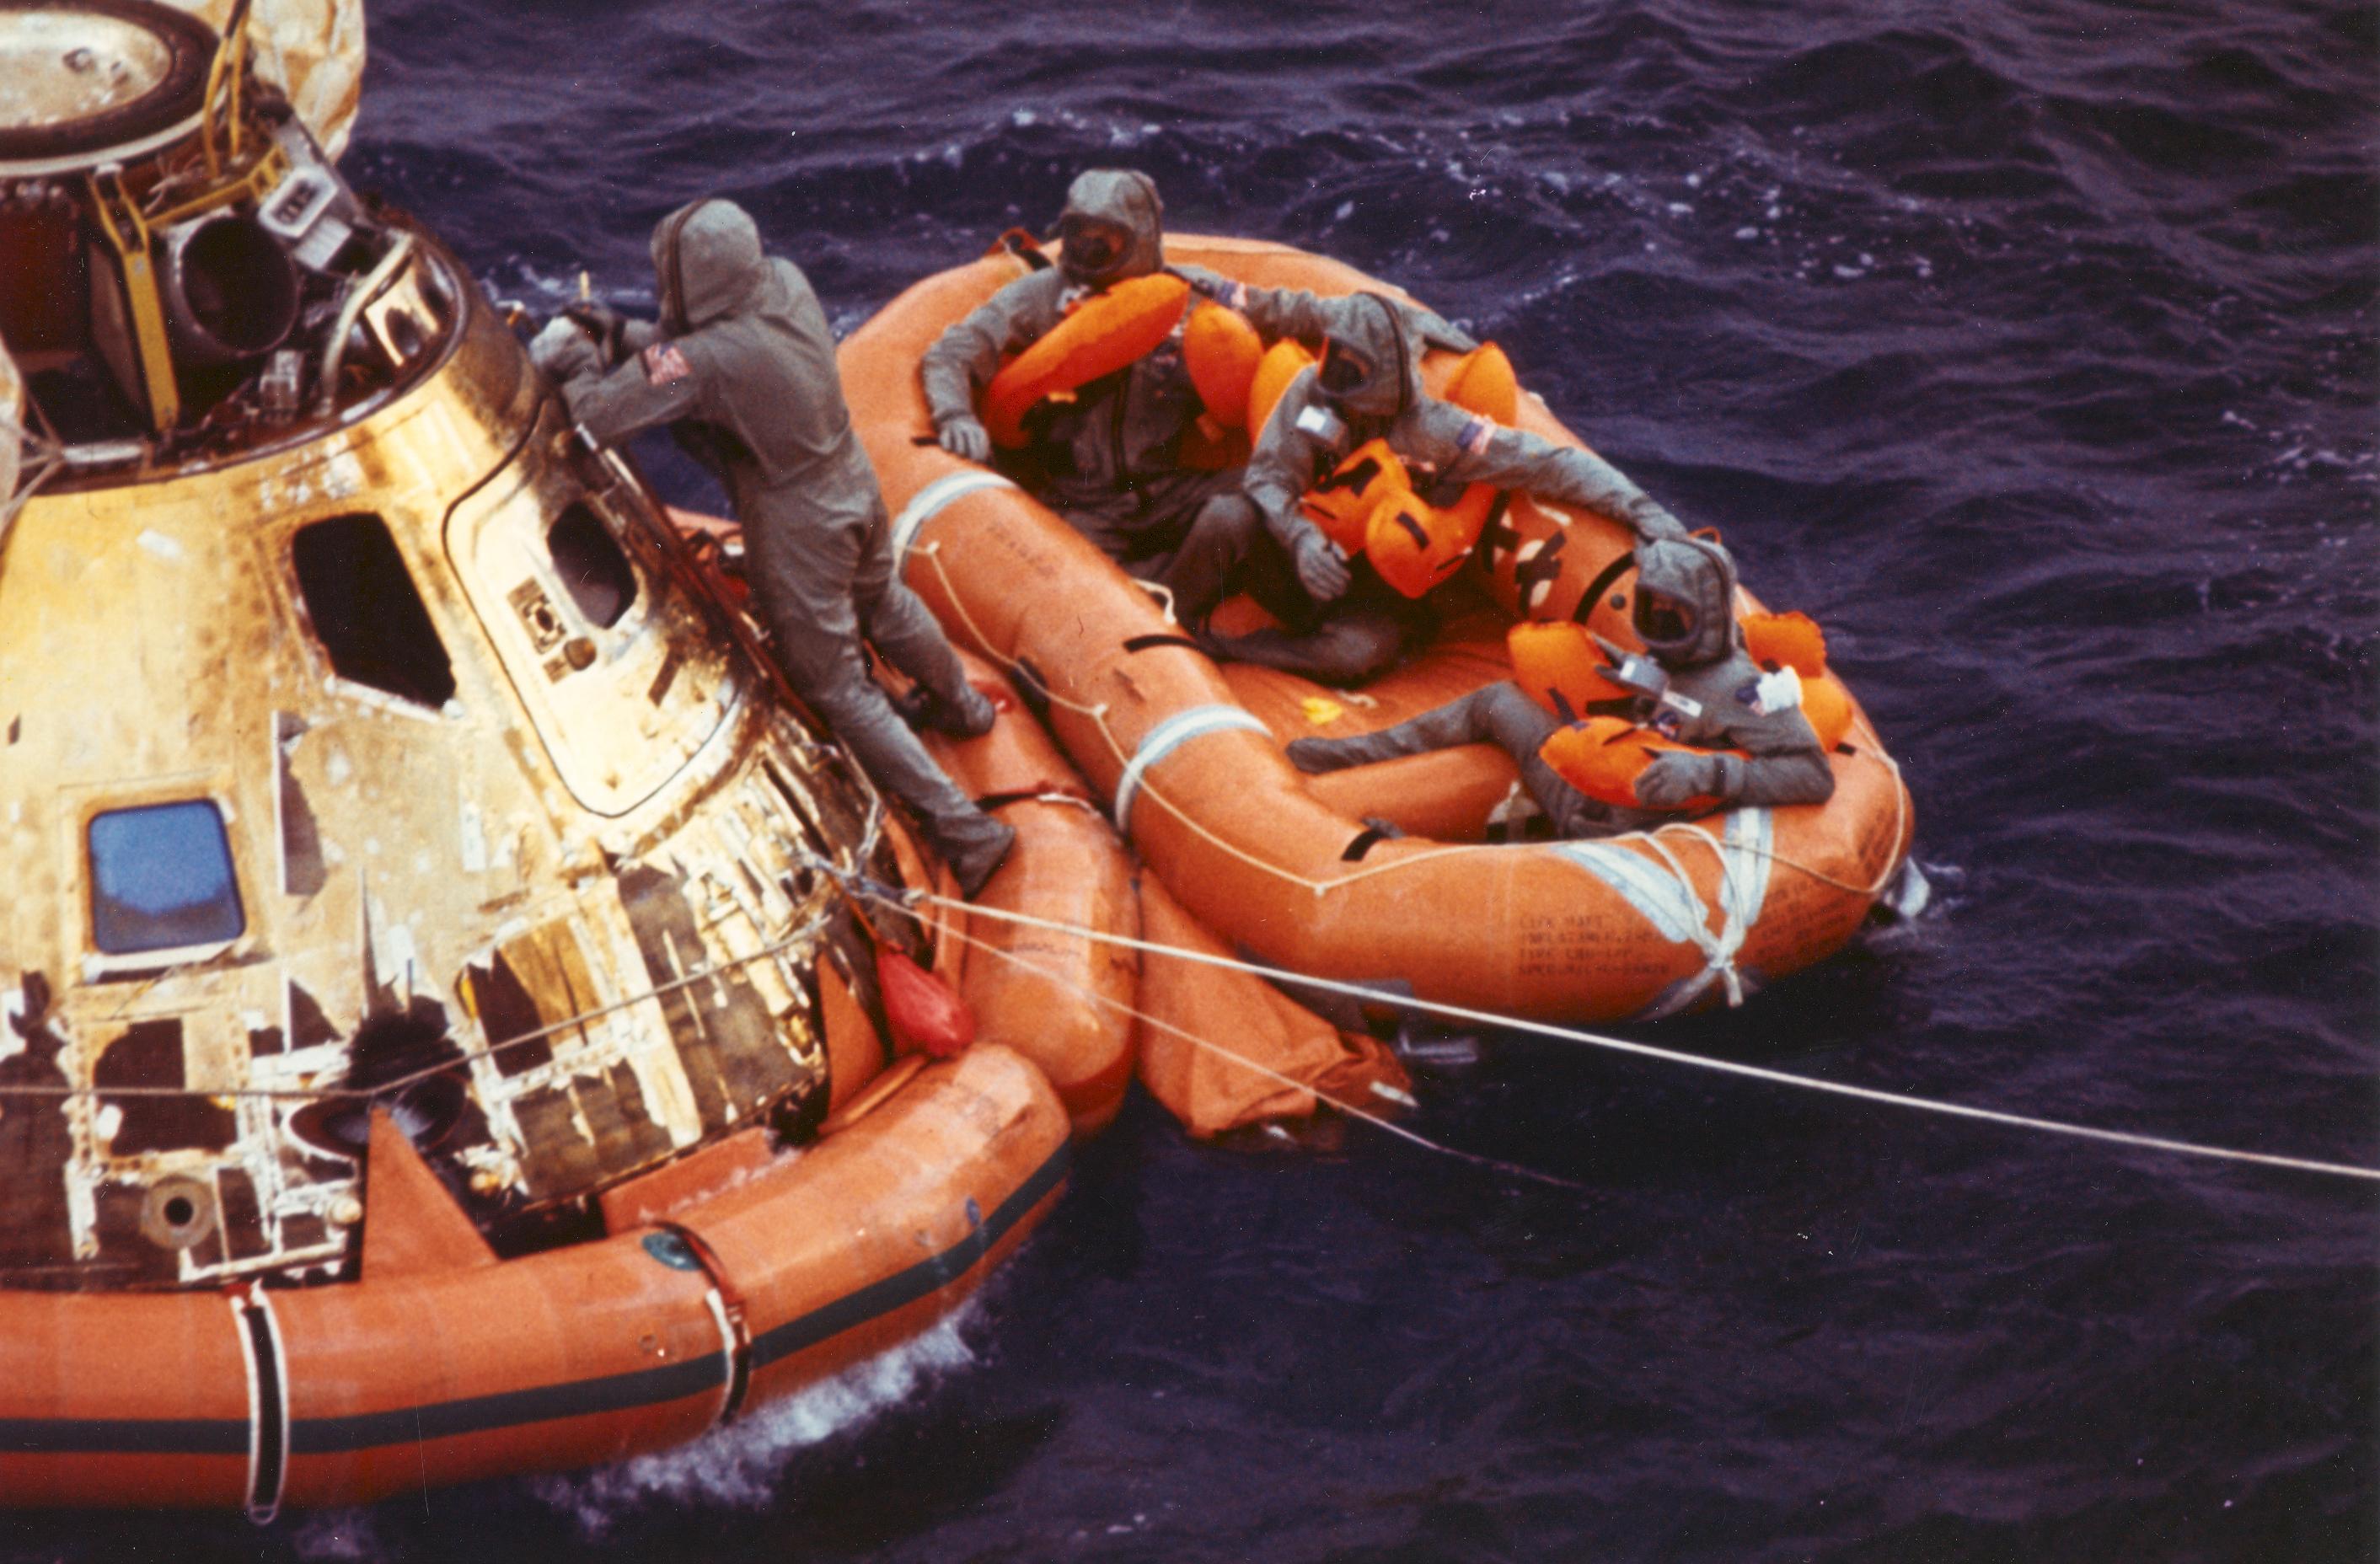 El teniente Clancy Hatleberg cierra la escotilla del Apolo 11 mientrasArmstrong, Collins y Aldrin esperan al helicóptero